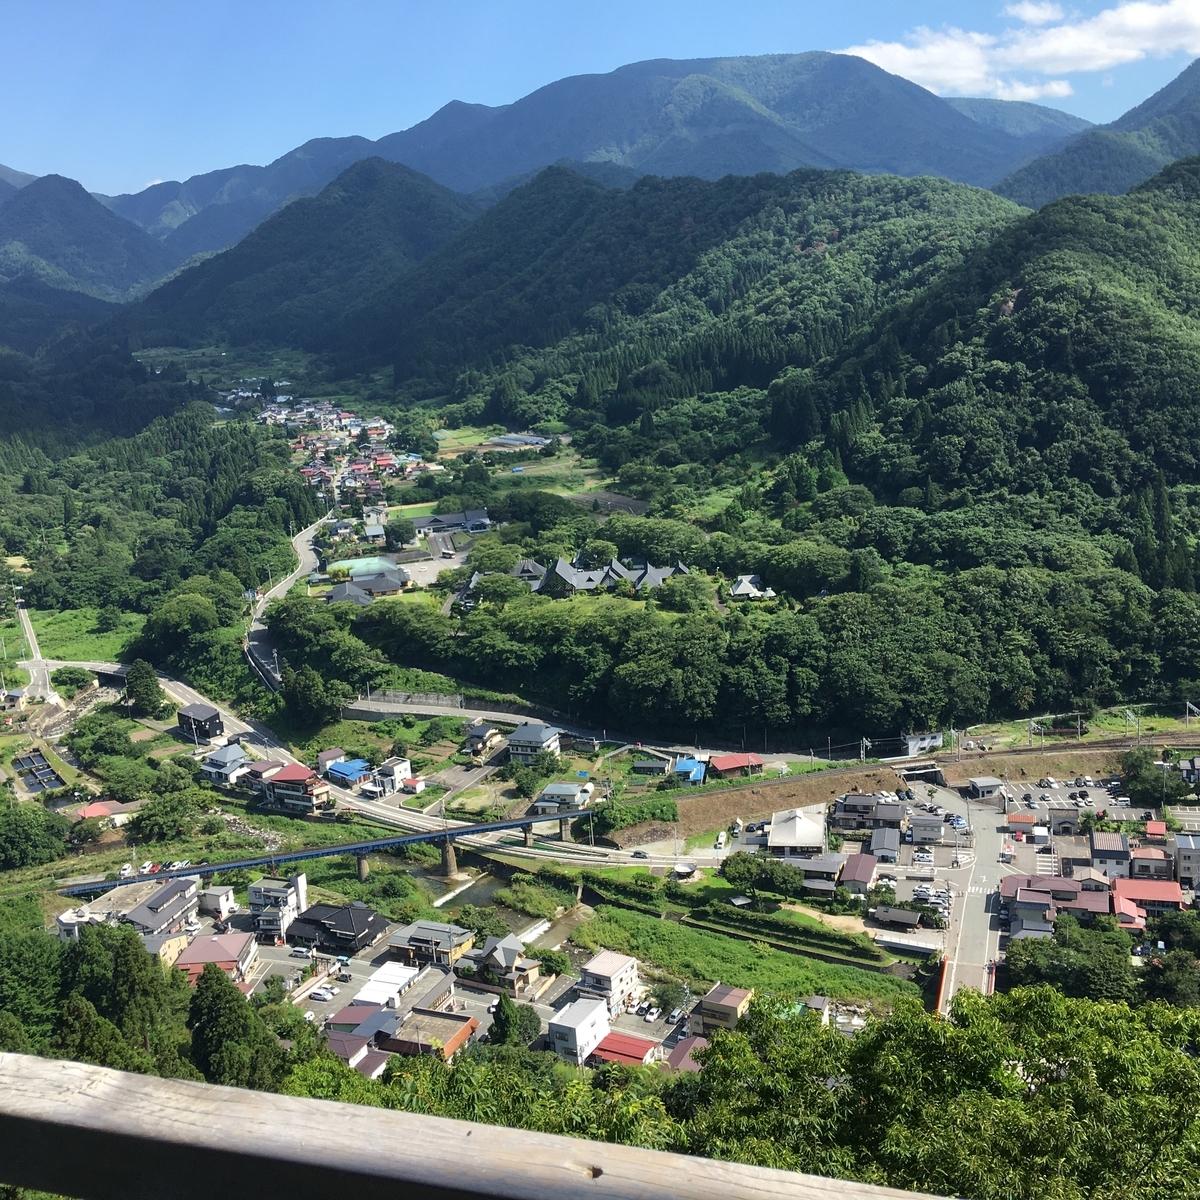 山寺 五大堂からの景色 フリー